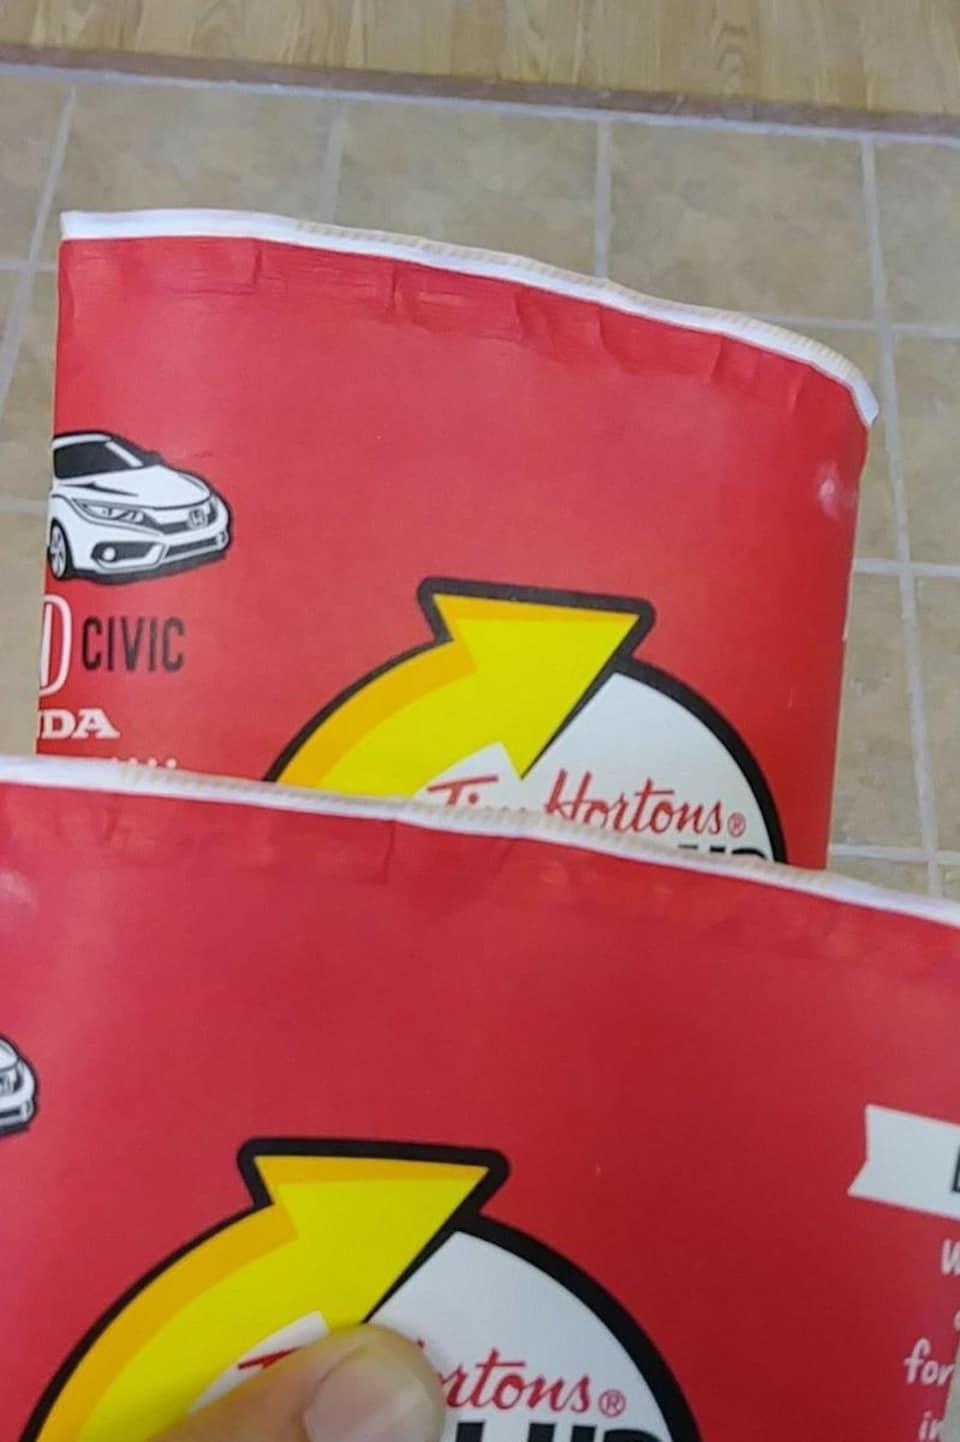 Ces gobelets ont été achetés dans un restaurant Tim Hortons de Terre-Neuve-et-Labrador.